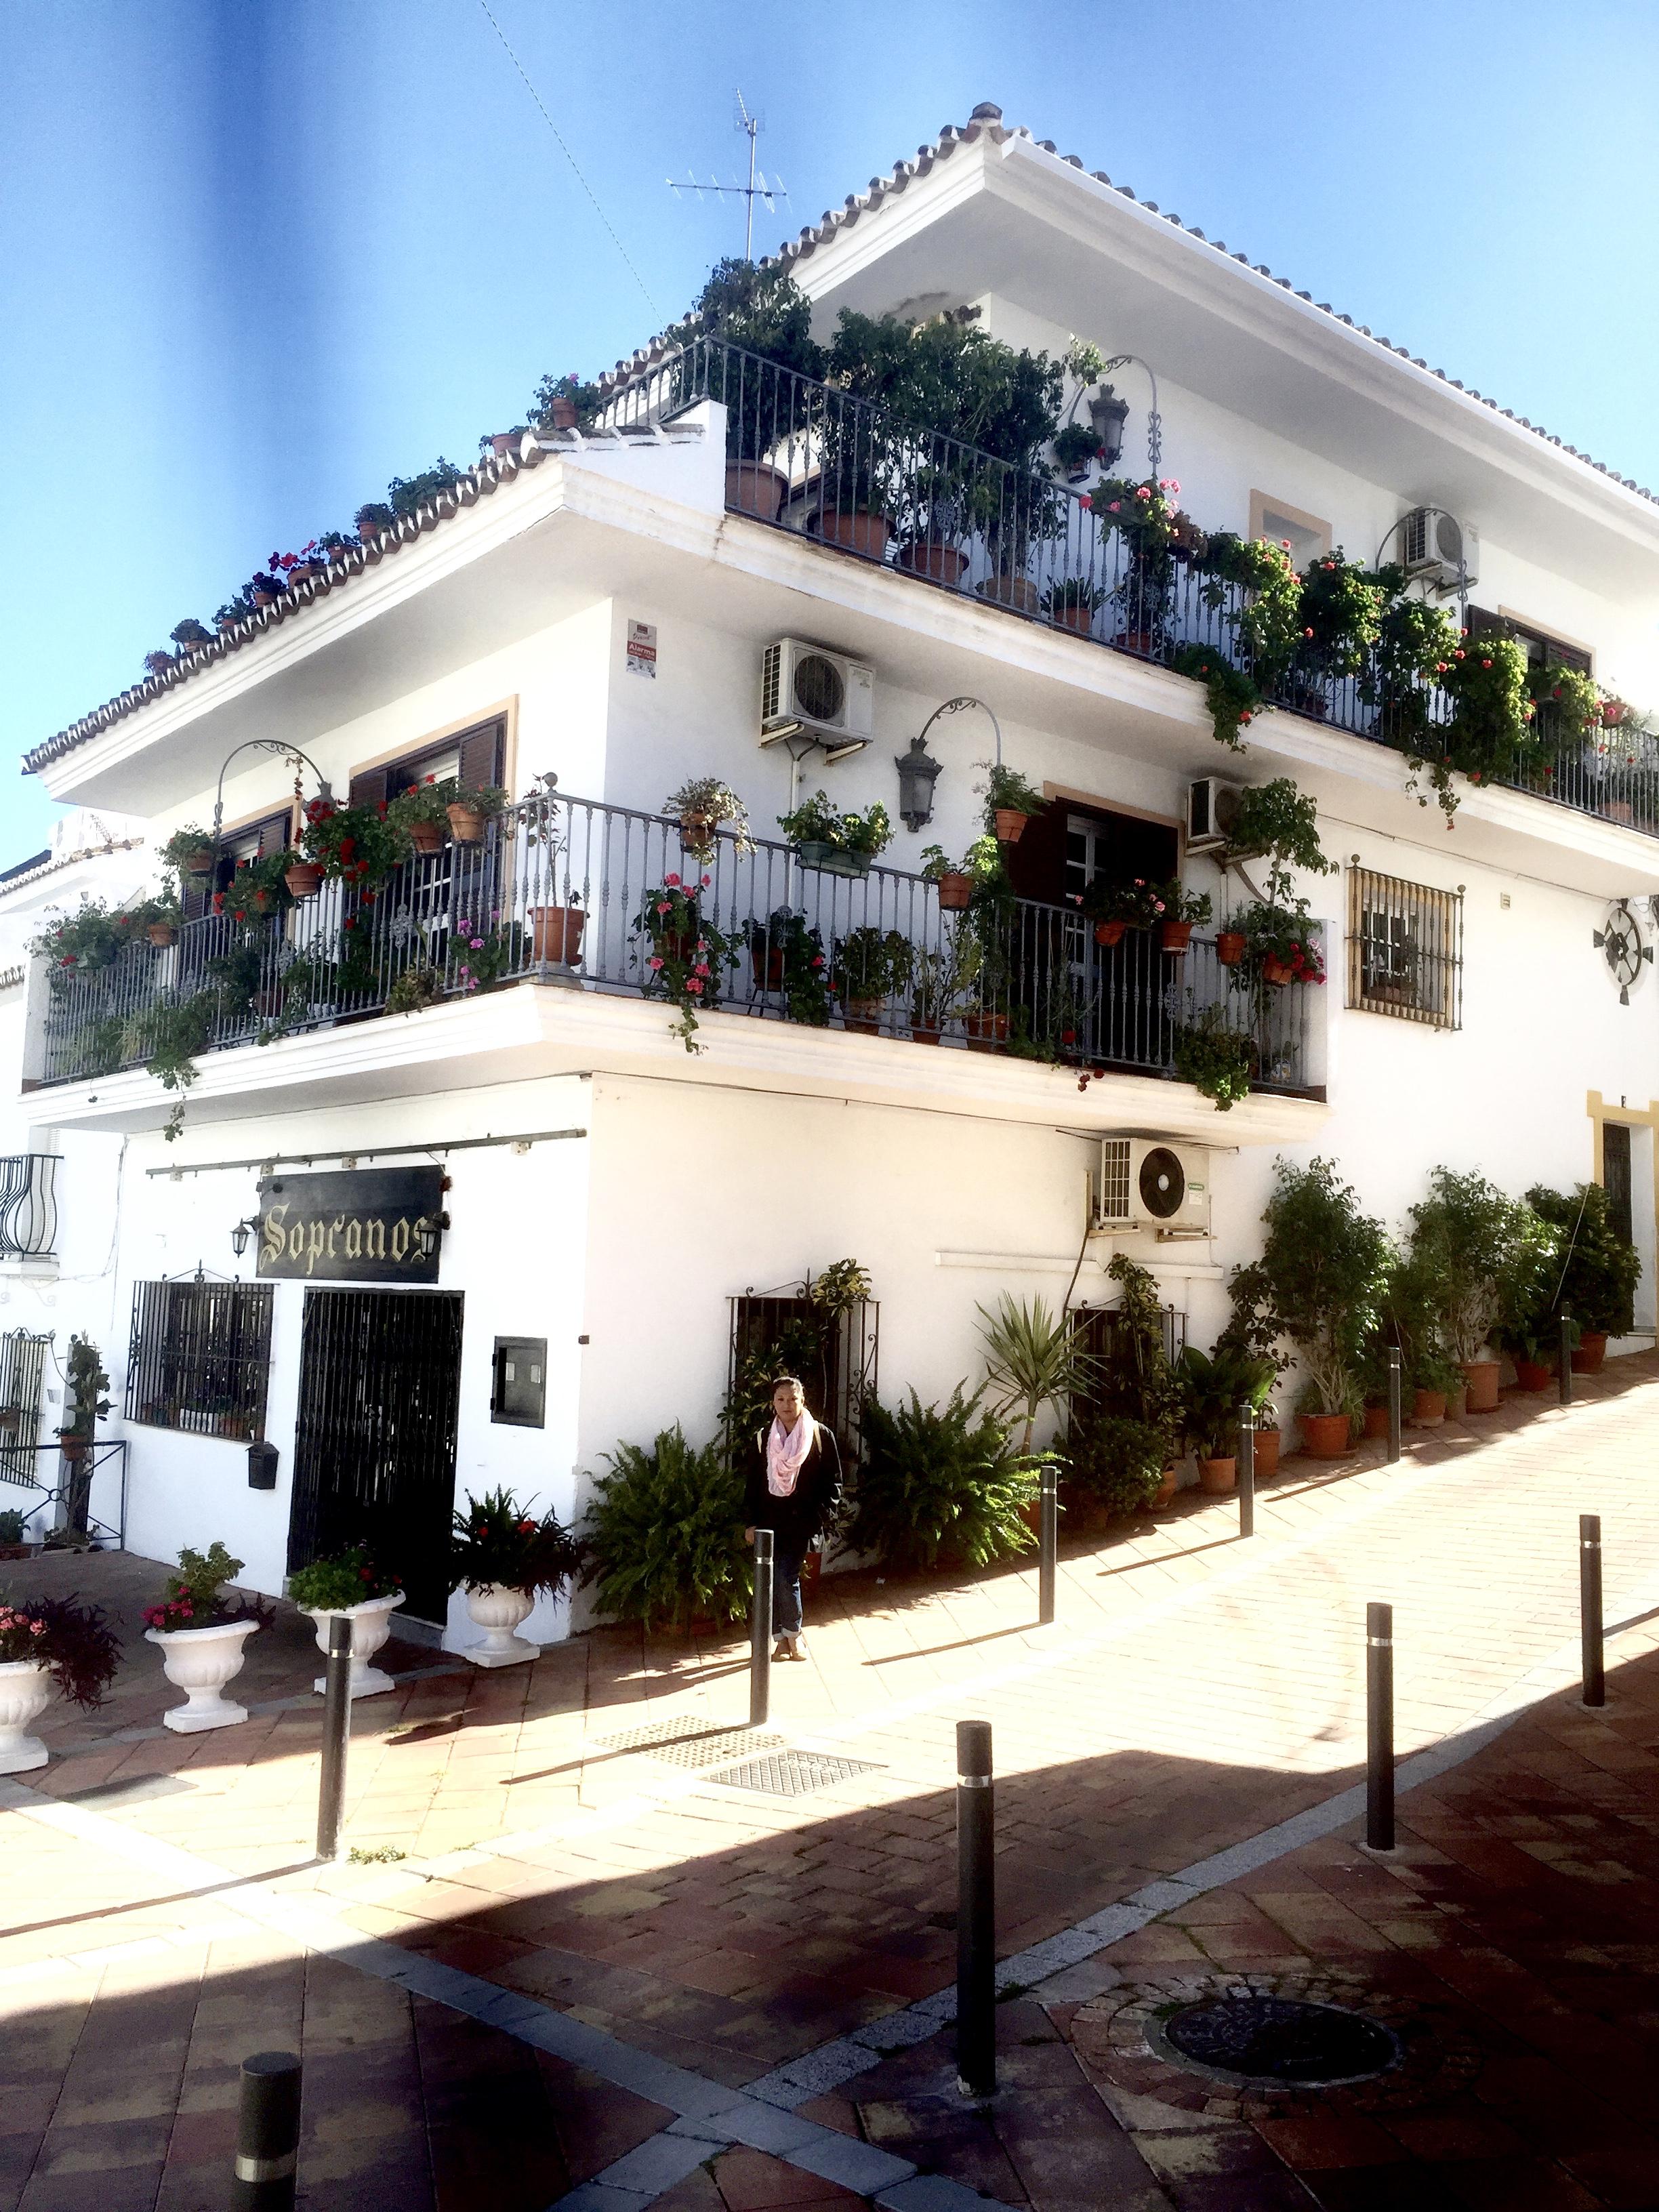 Maison typique andalouse